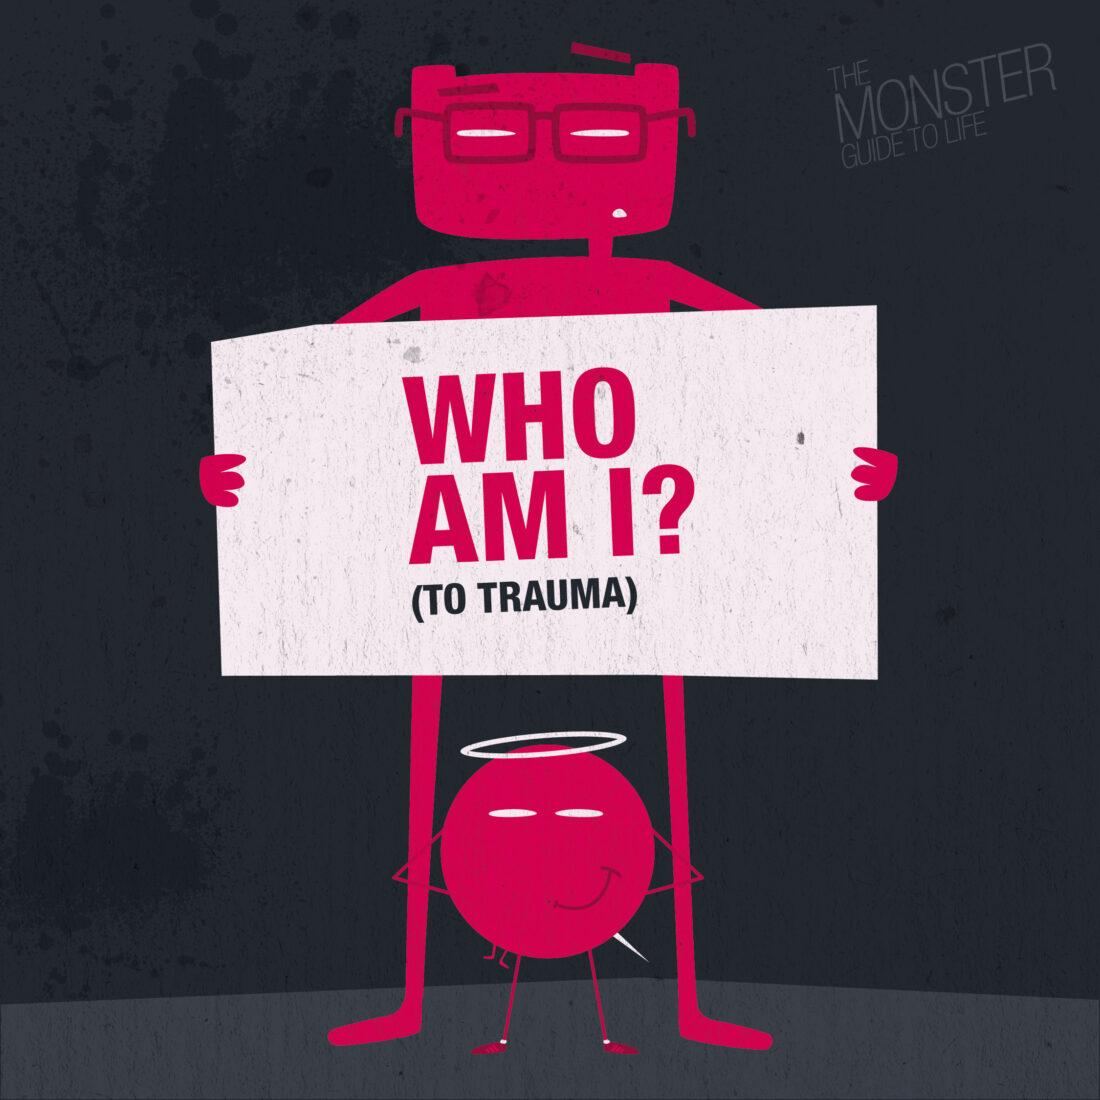 Who Am I? (To Trauma)